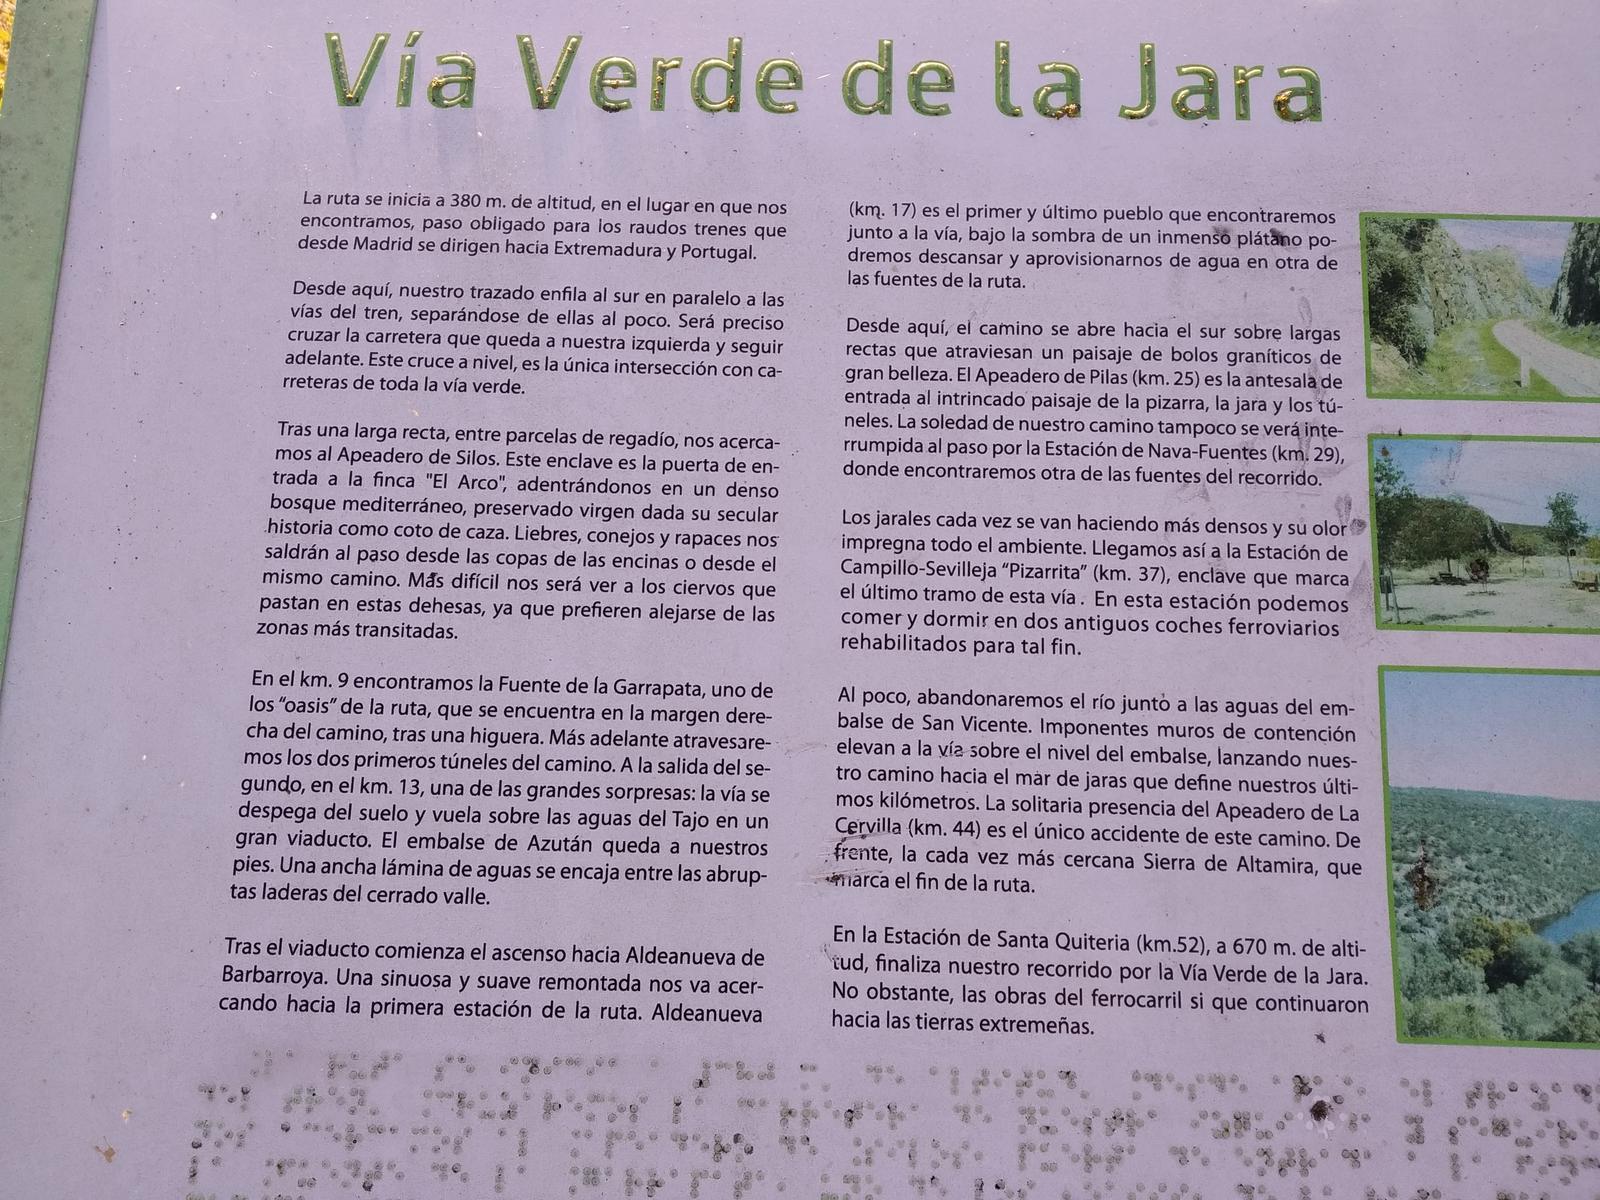 Alquiler bicicletas eléctricas en la Vía verde de la Jara